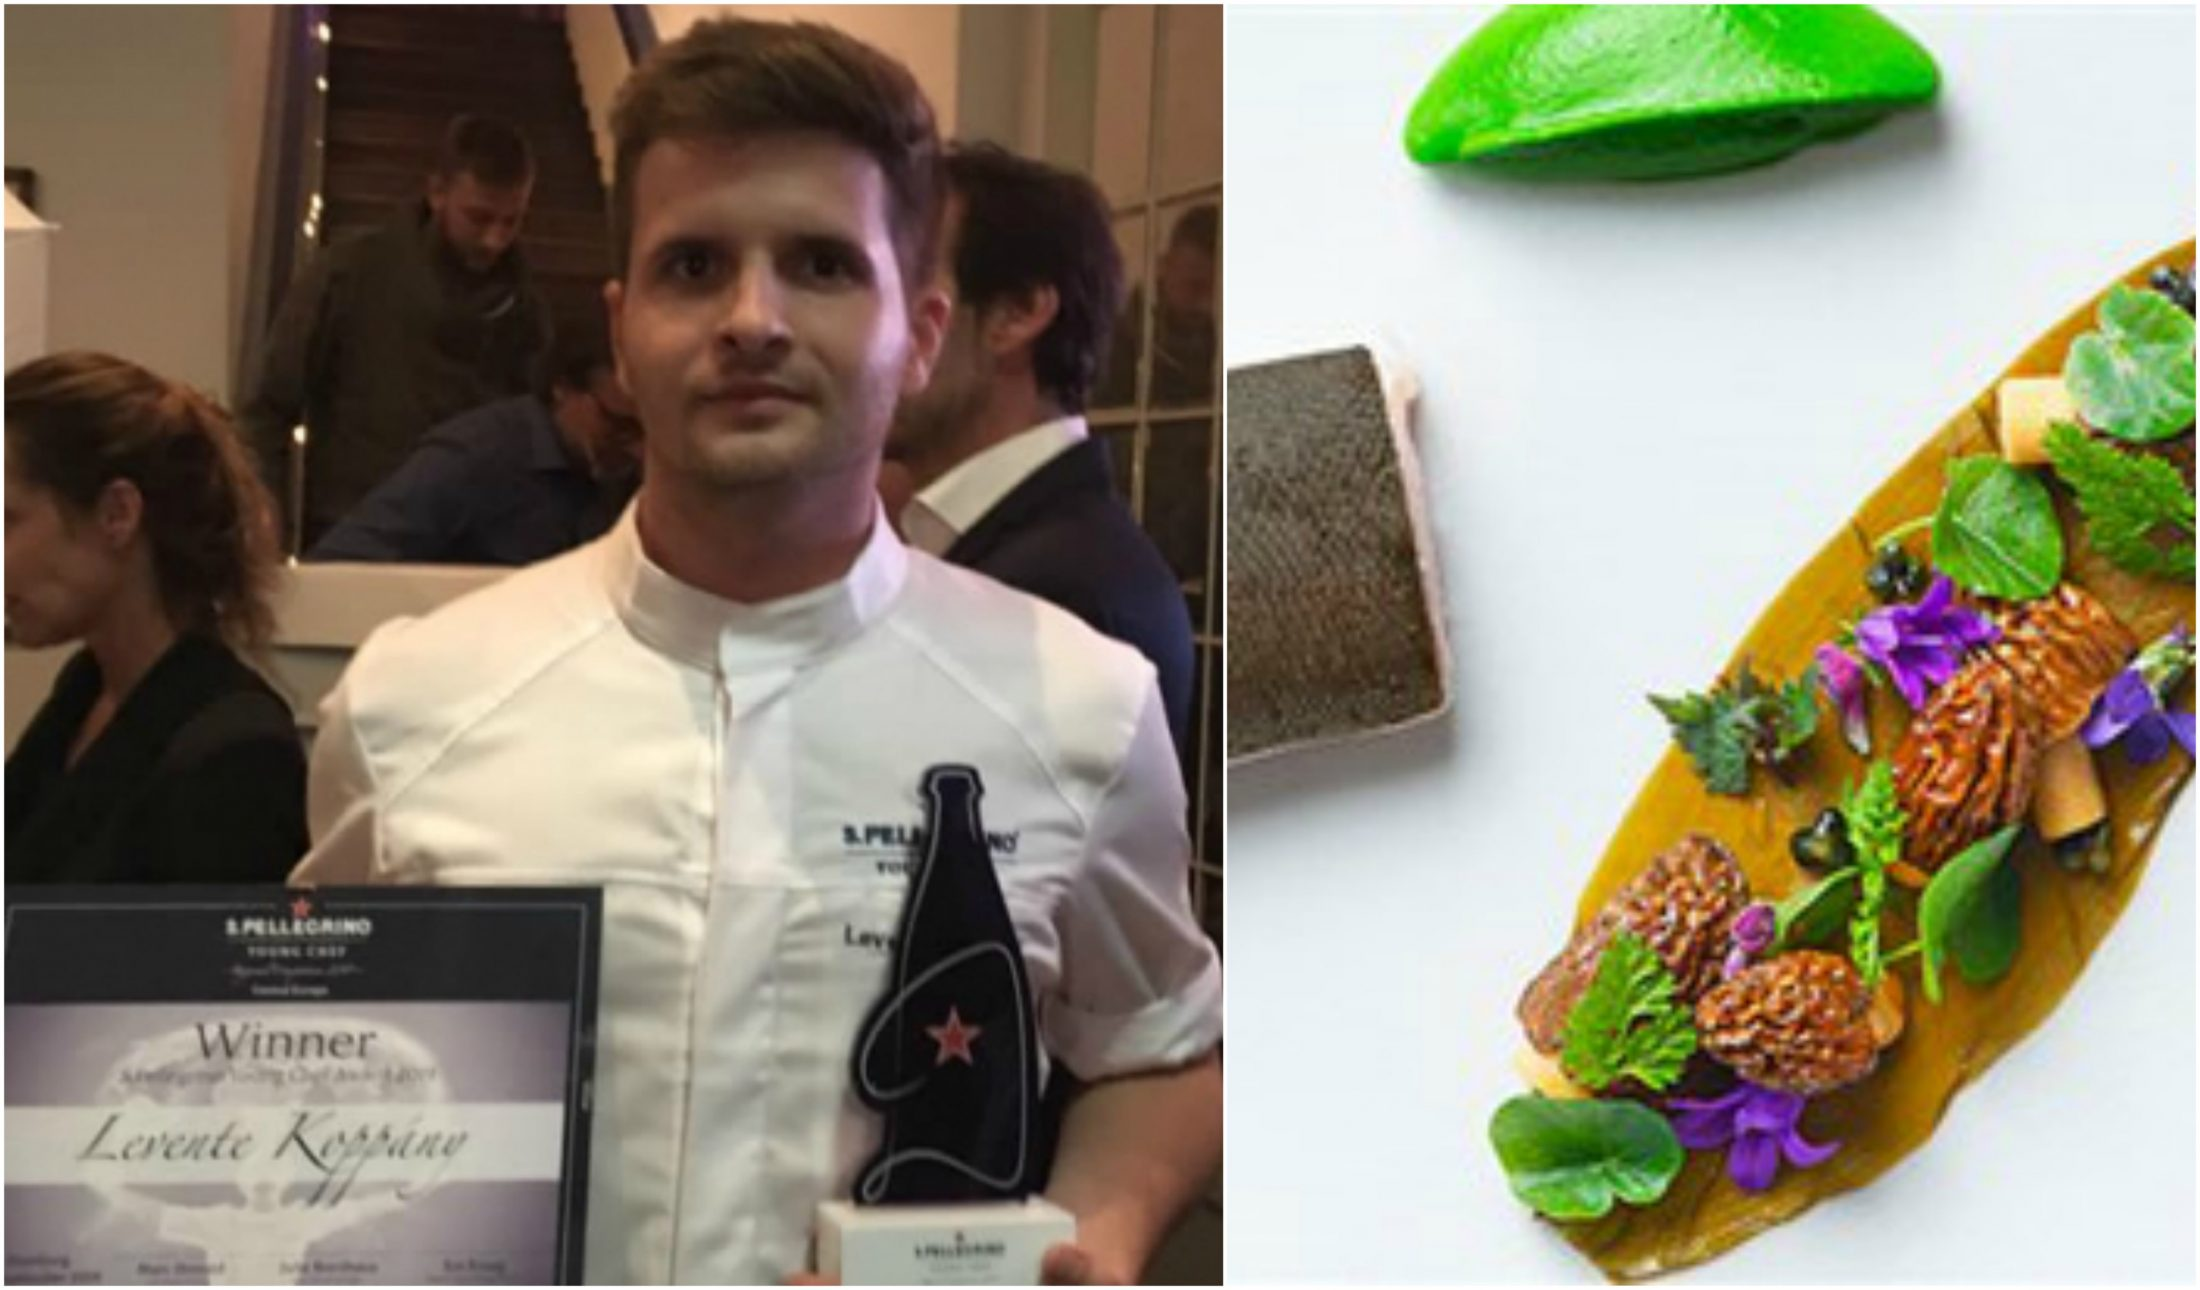 Új reménység: Koppány Levente megnyerte a a S.Pellegrino Young Chef regionális döntőjét!